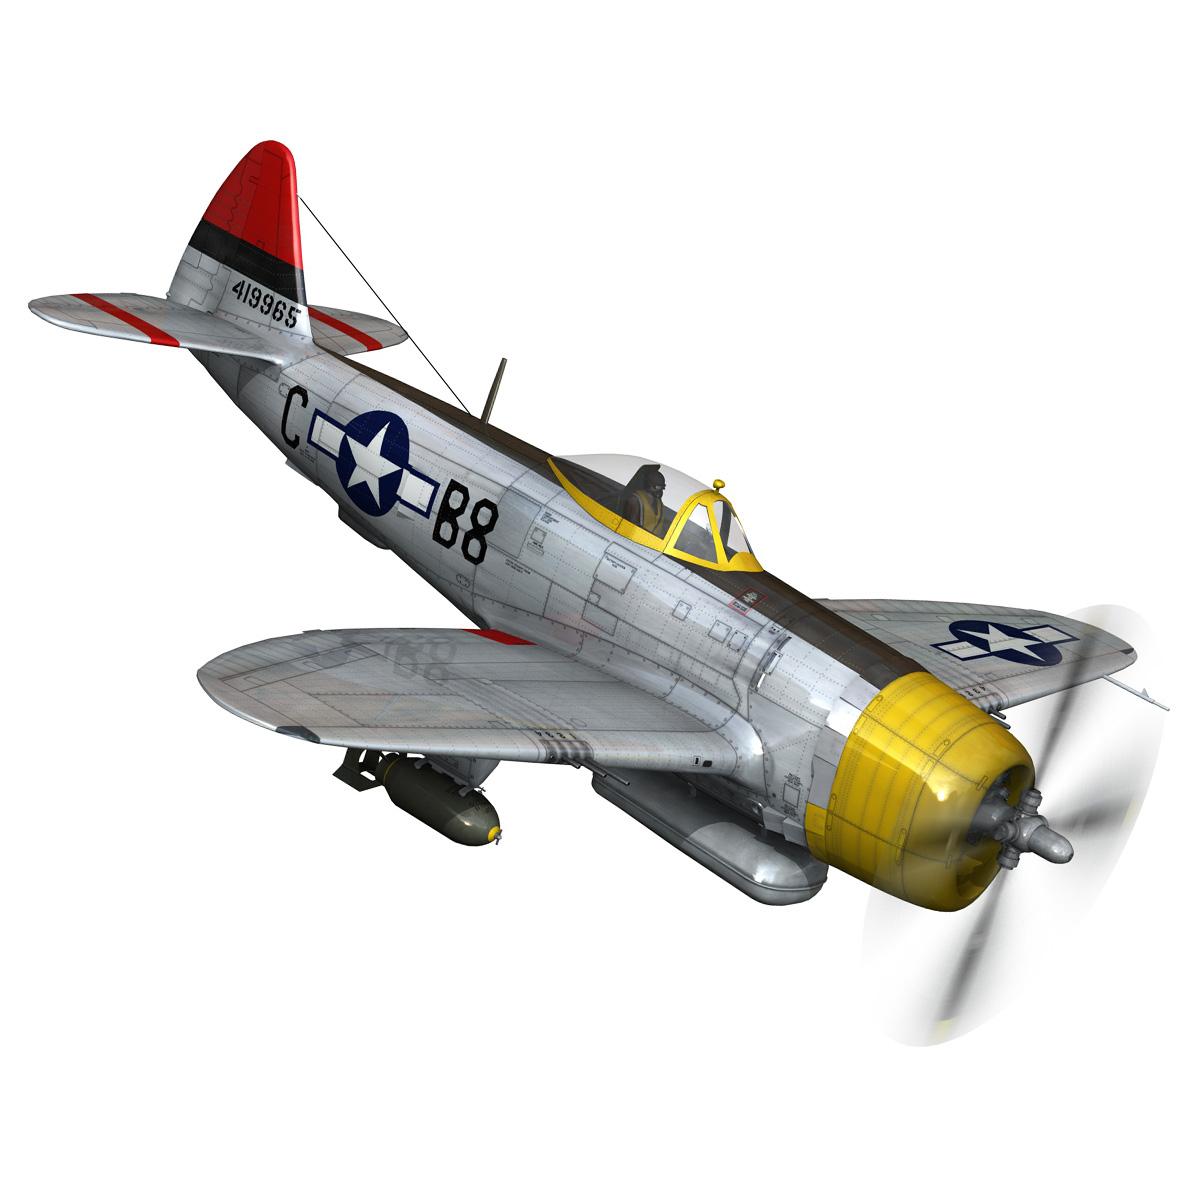 republic p-47d thunderbolt – chief seattle 3d model fbx c4d lwo obj 268207